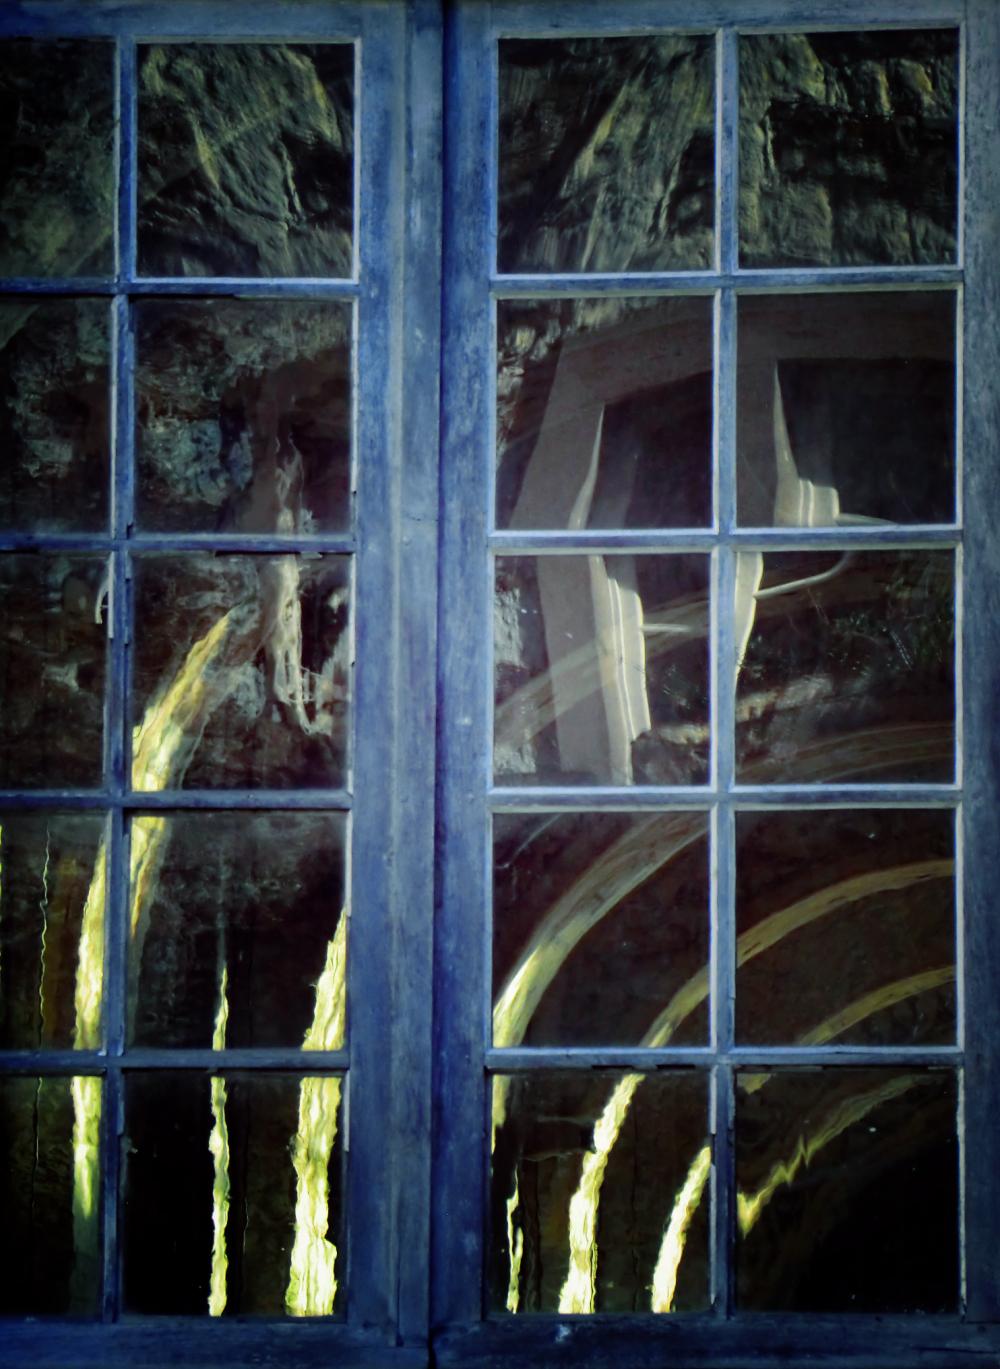 Une arche de lumière de la réalité intérieure...